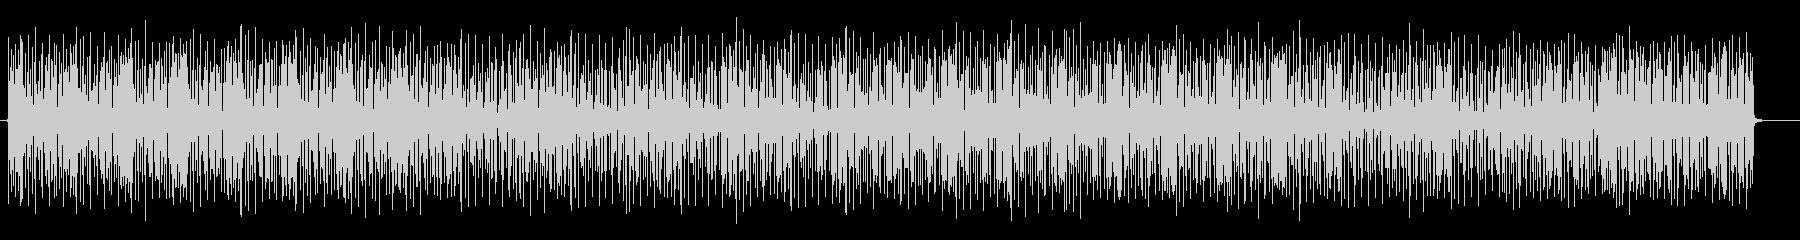 心躍るヒップホップ系サウンドの未再生の波形